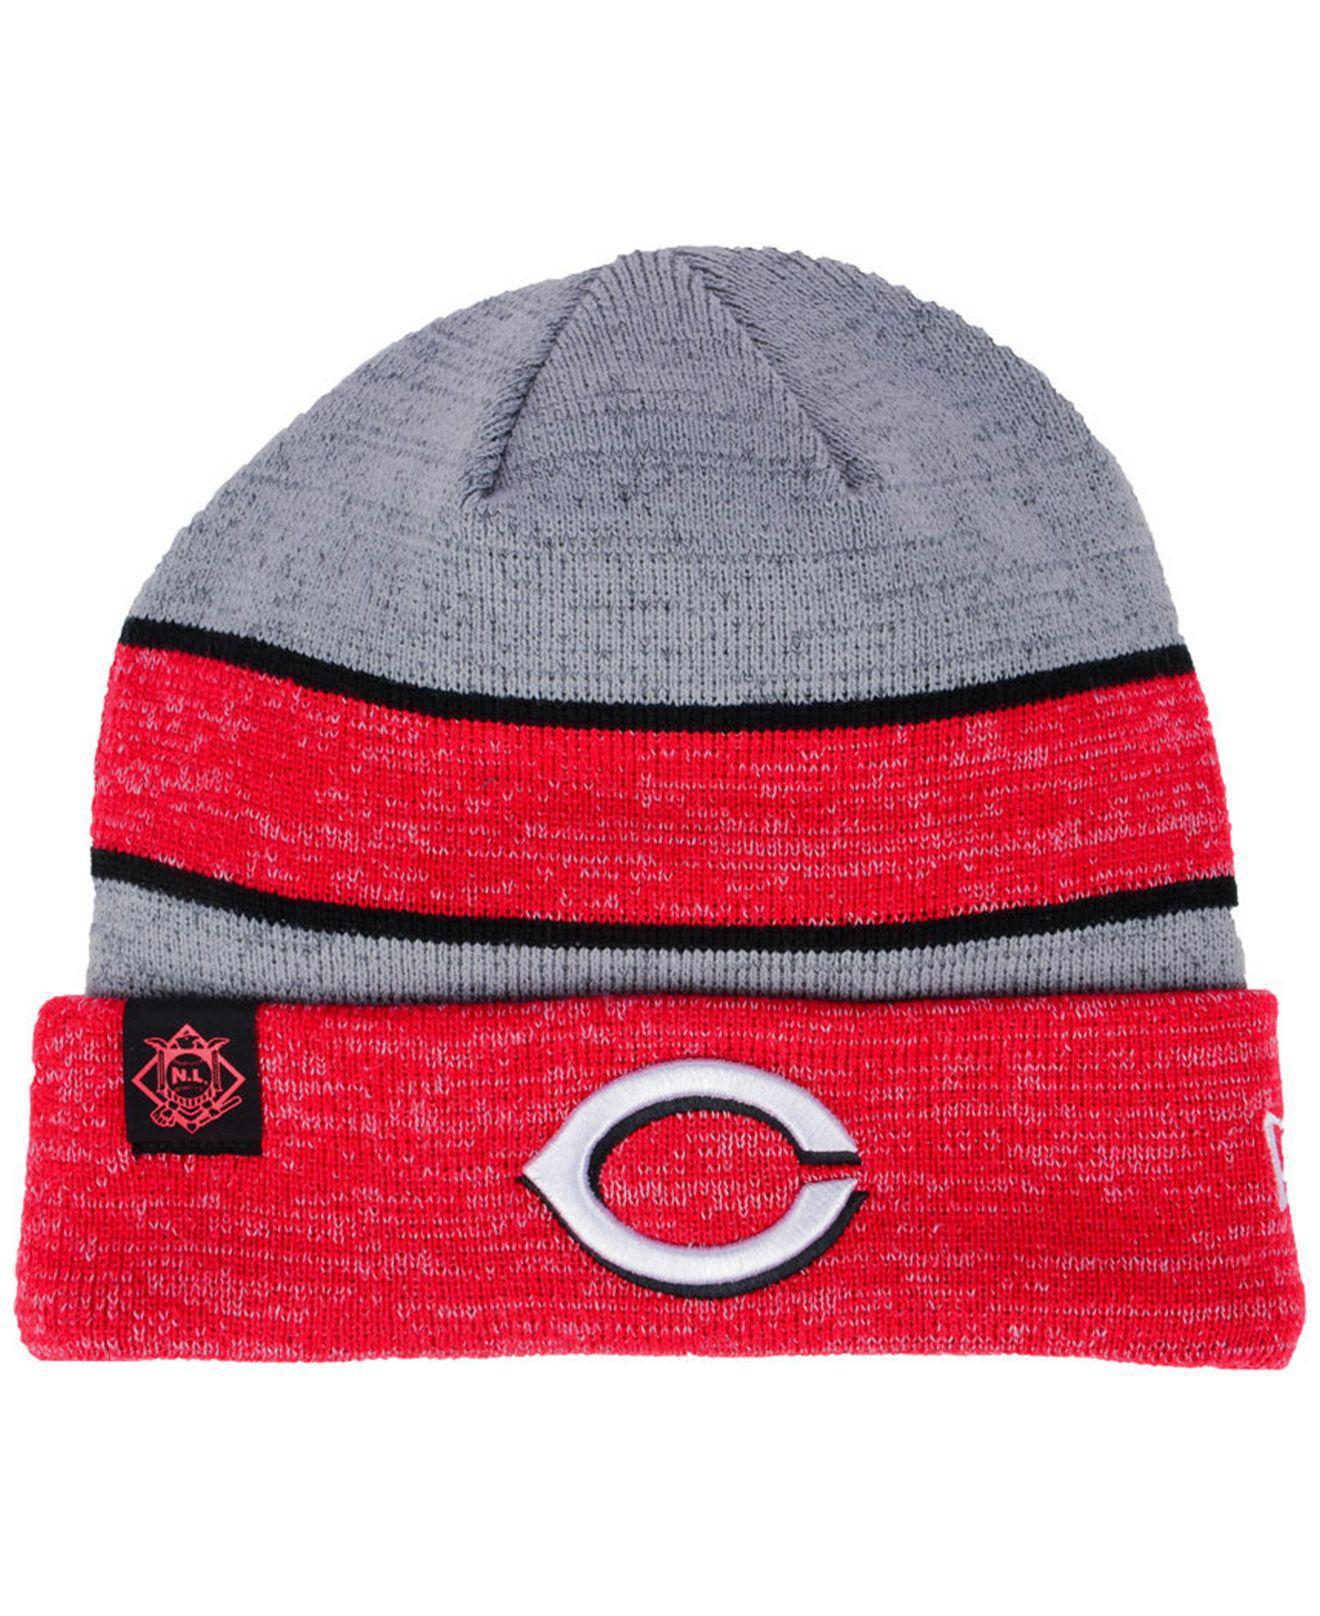 c380e13fb86 Lyst - KTZ Cincinnati Reds On Field Sport Knit Hat in Red for Men